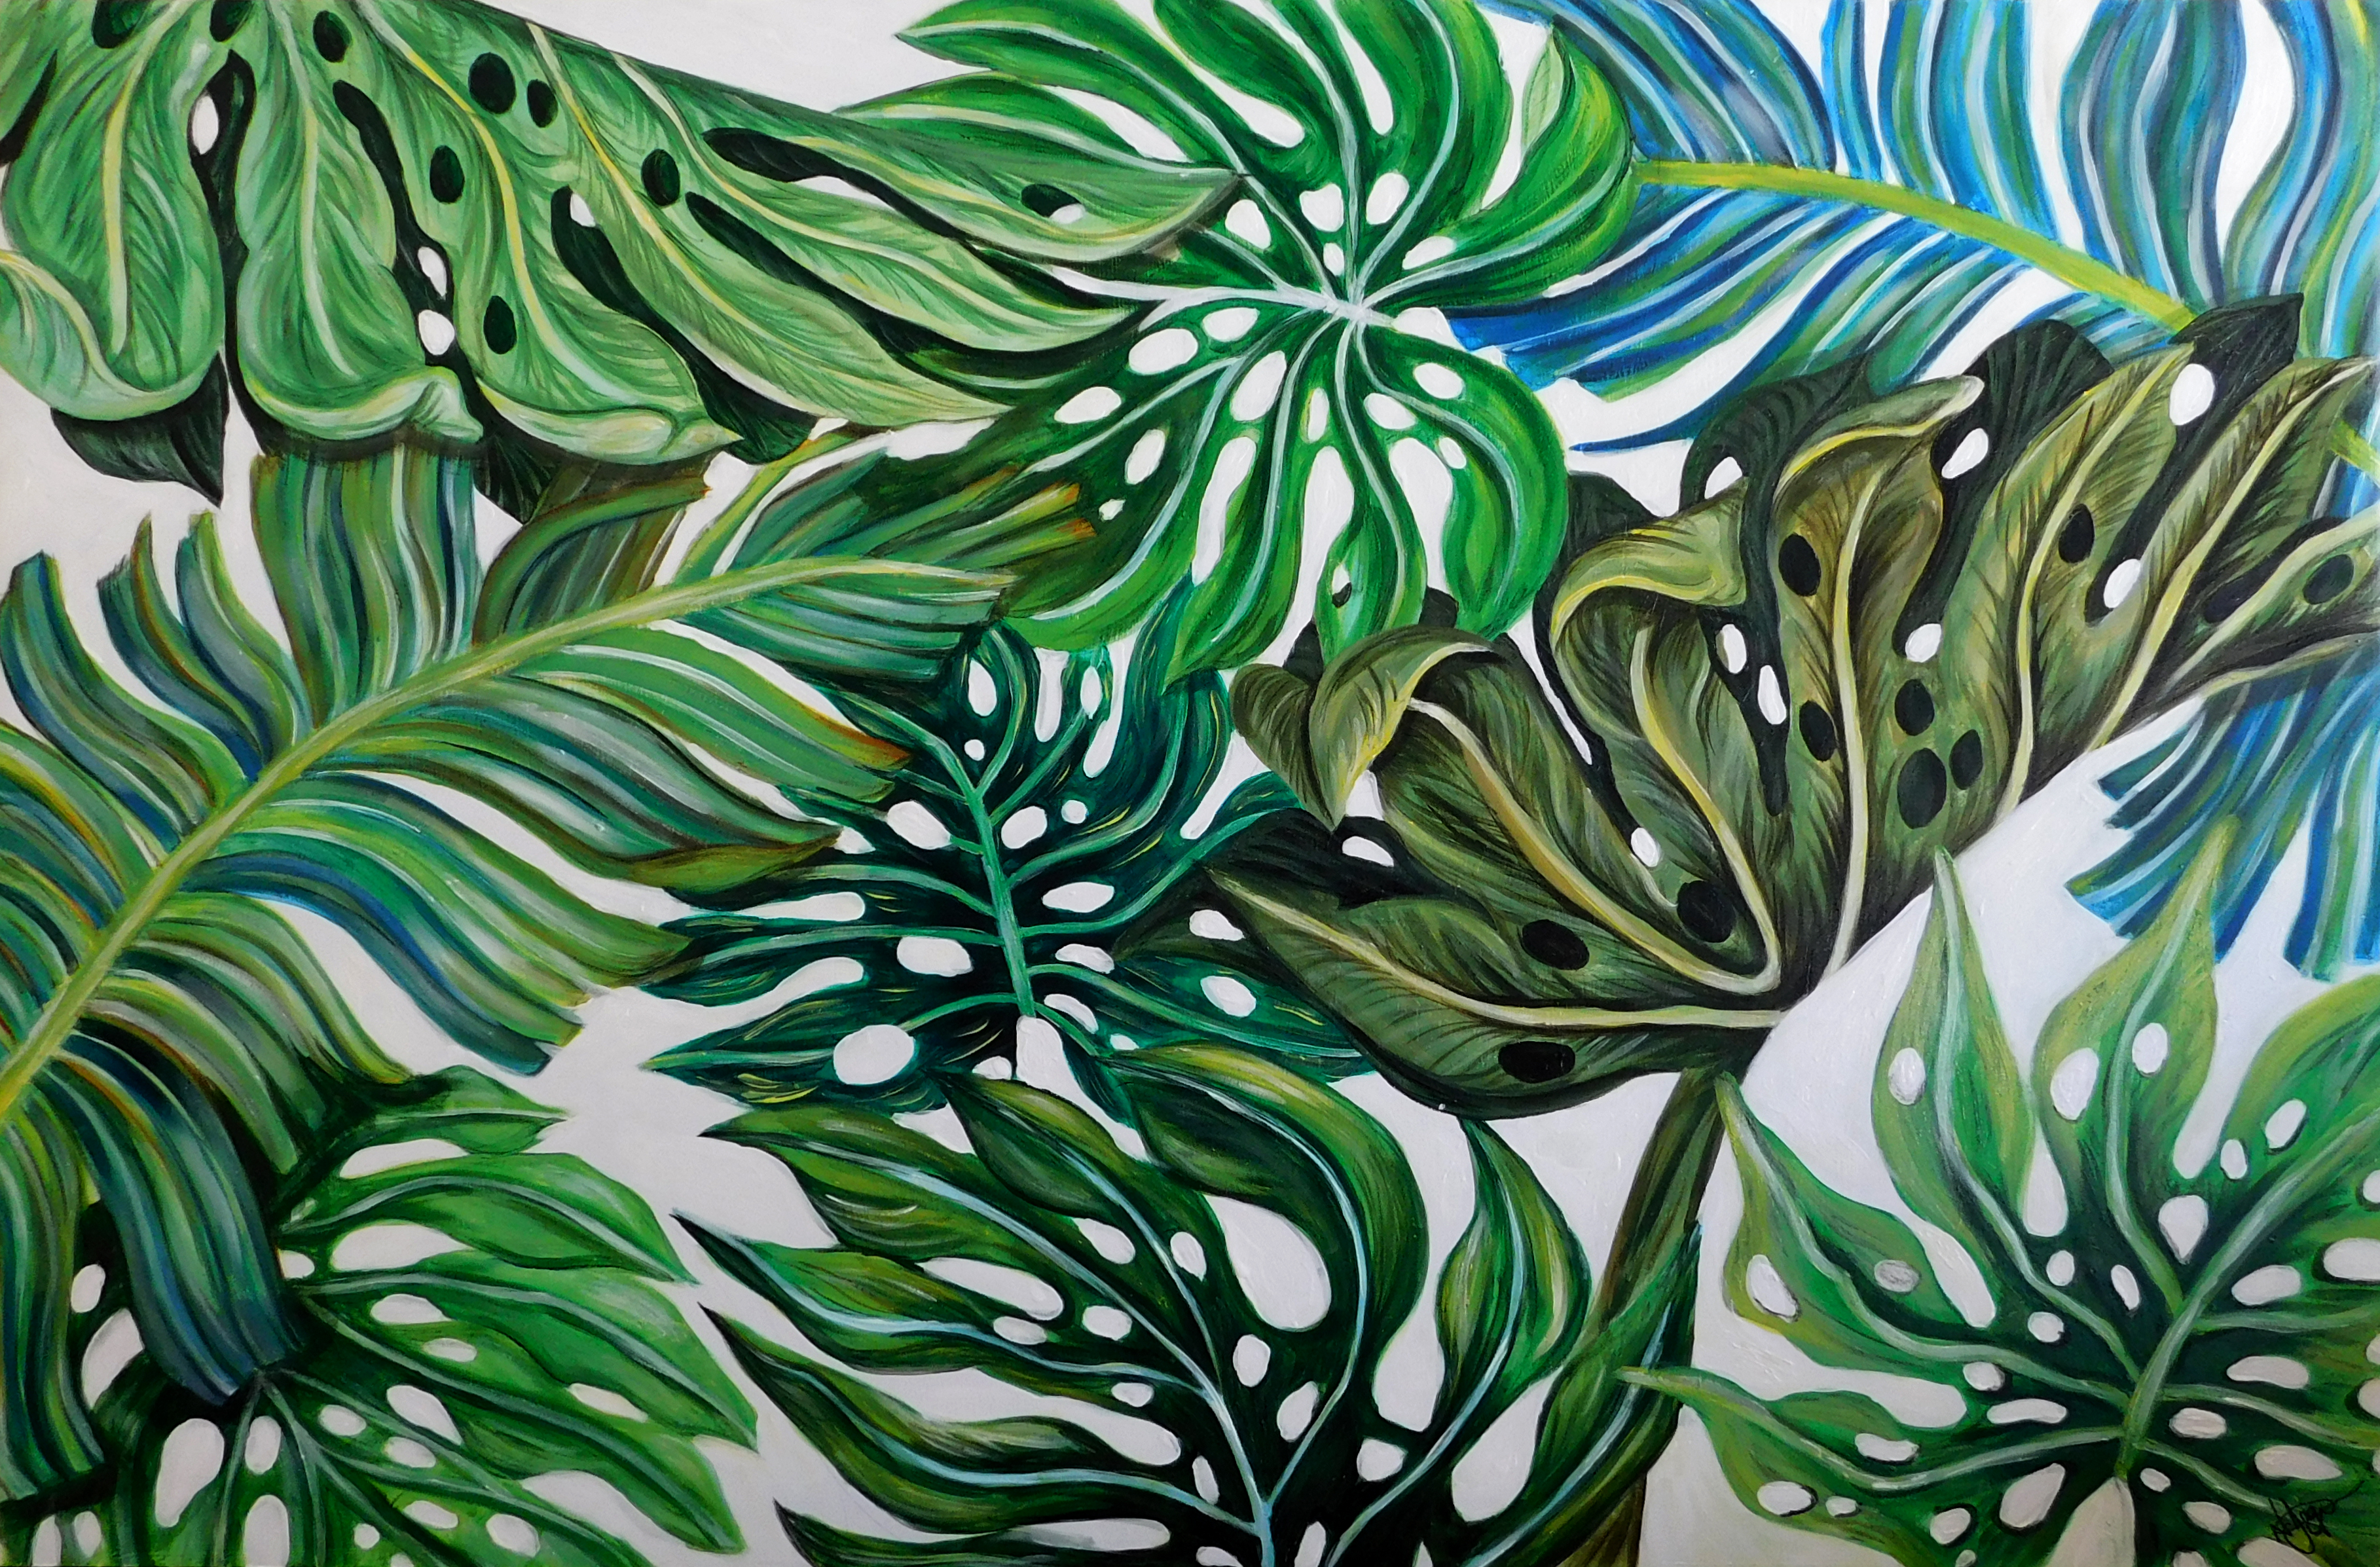 Illustrious Leaves Part 1 Natalie Daghestani Art Dubai BSAB